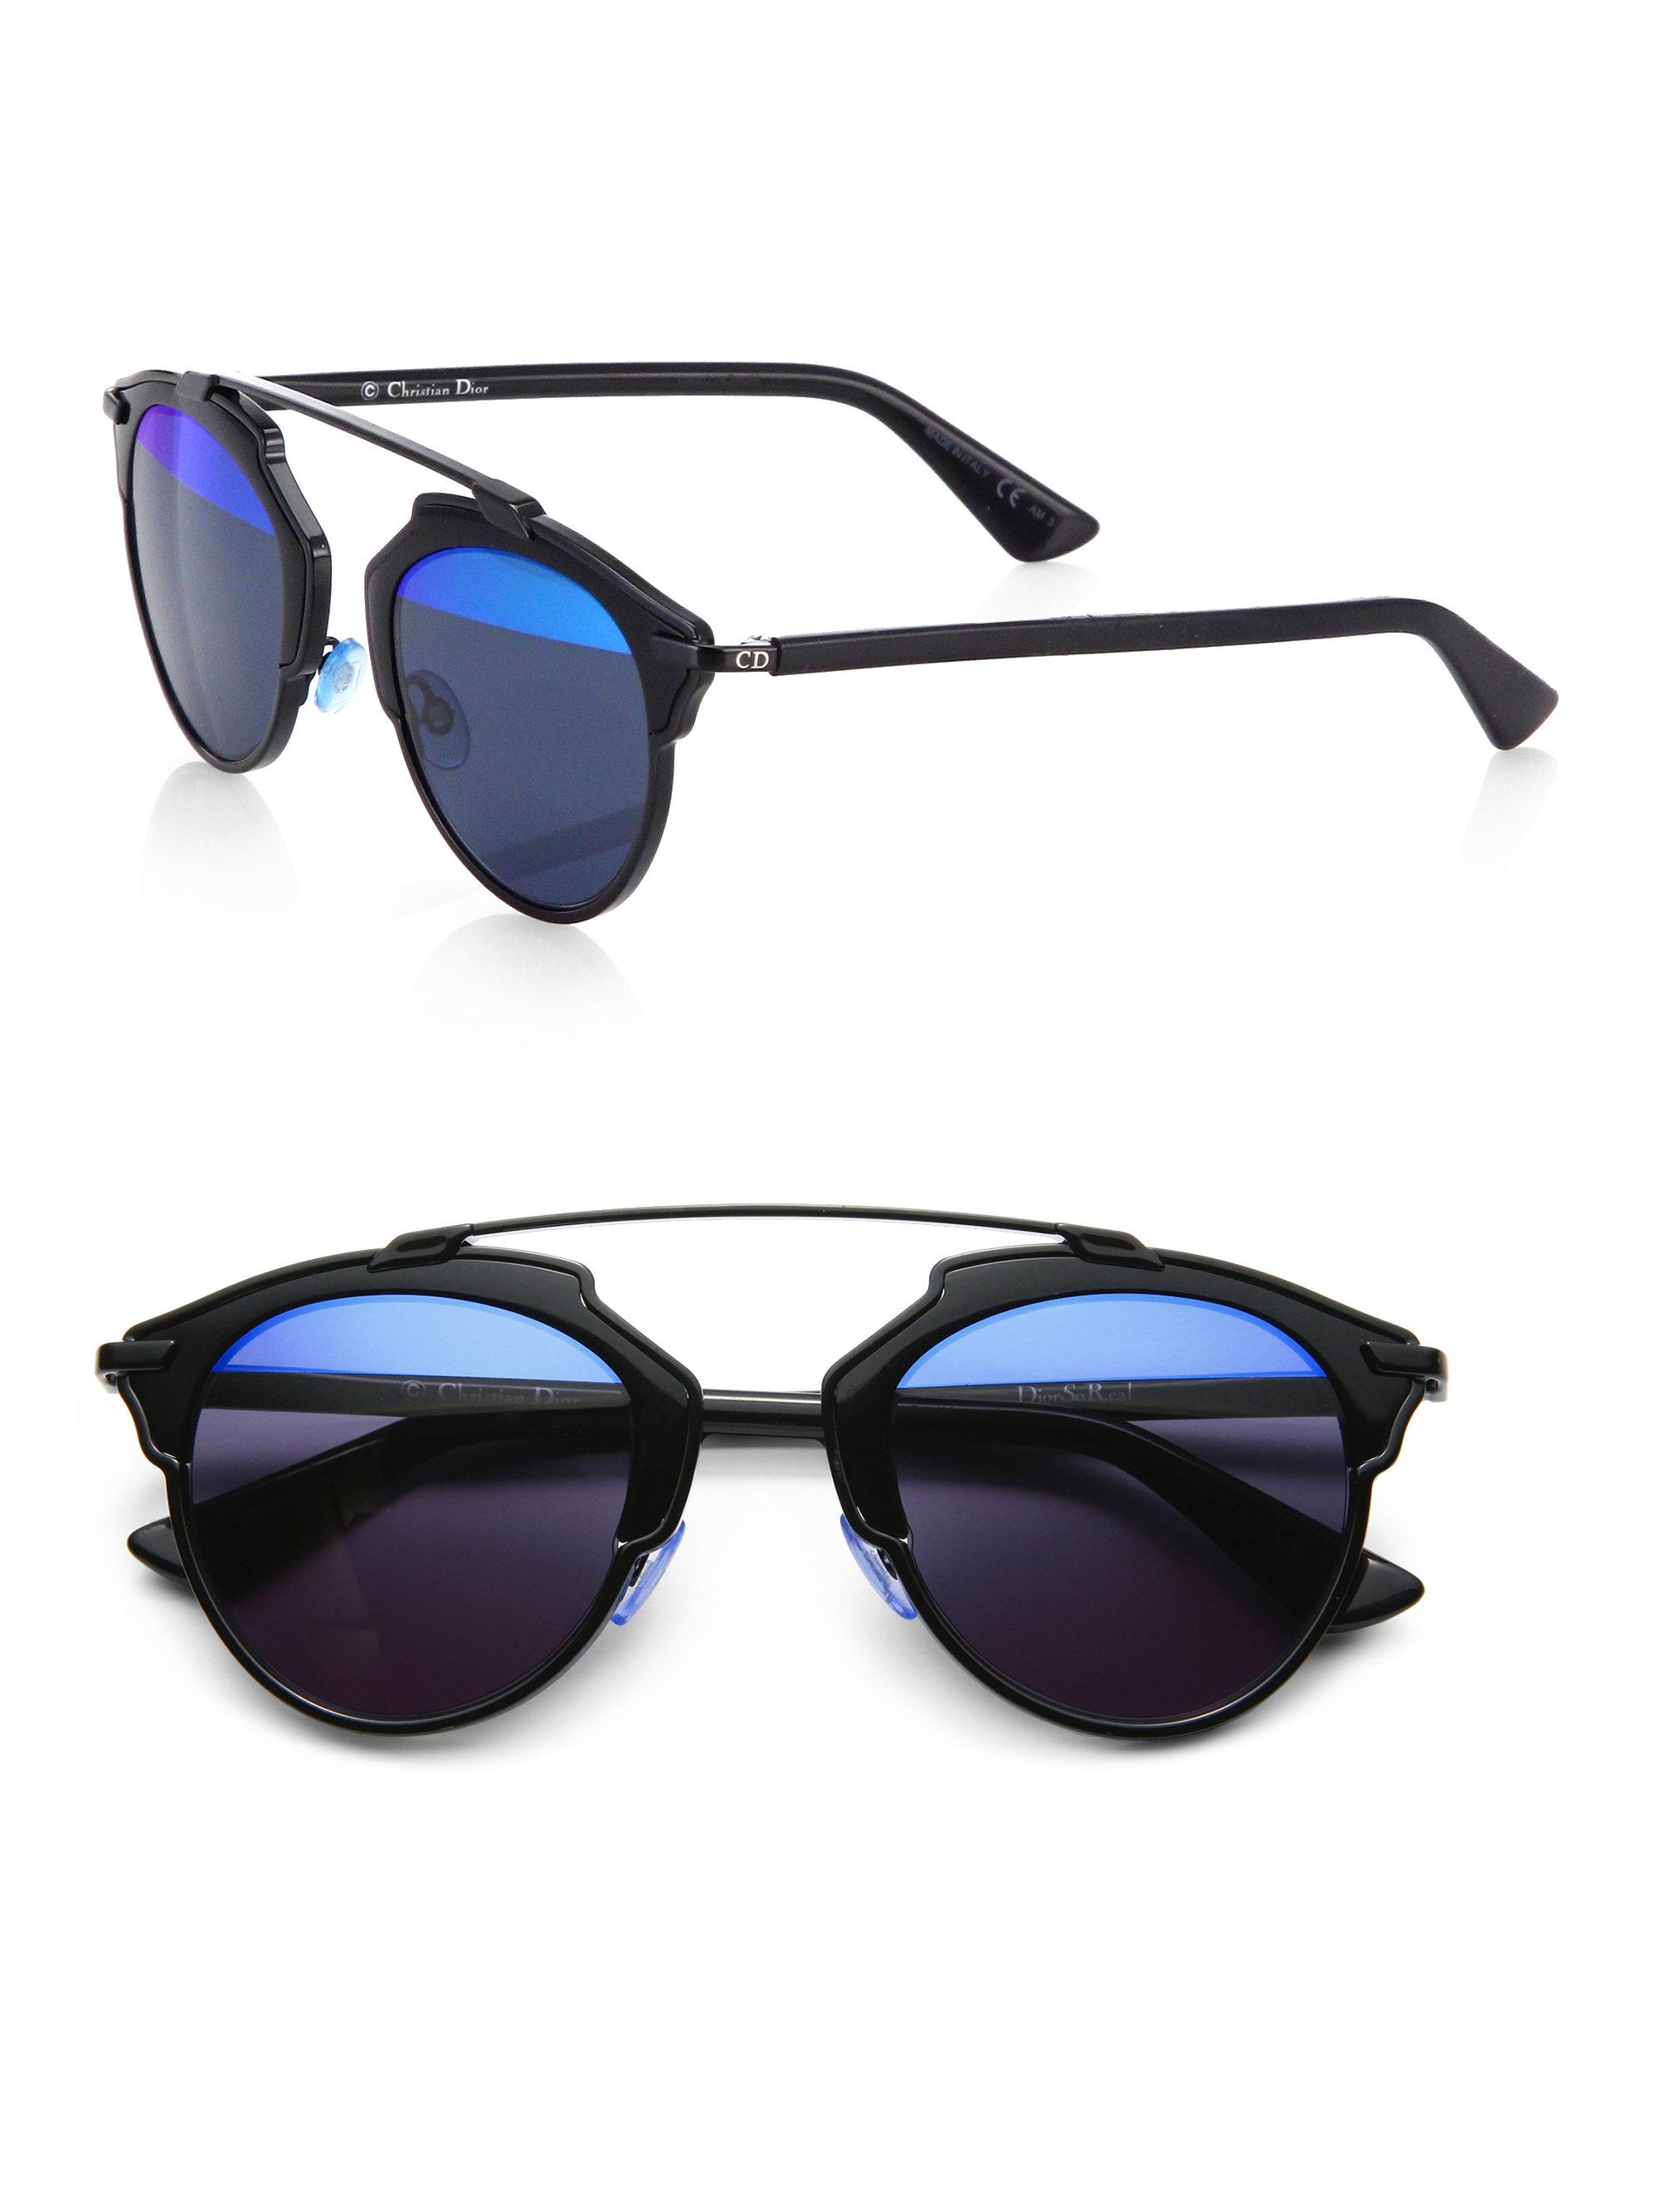 5d0d53bea240 Dior Sunglasses Men s